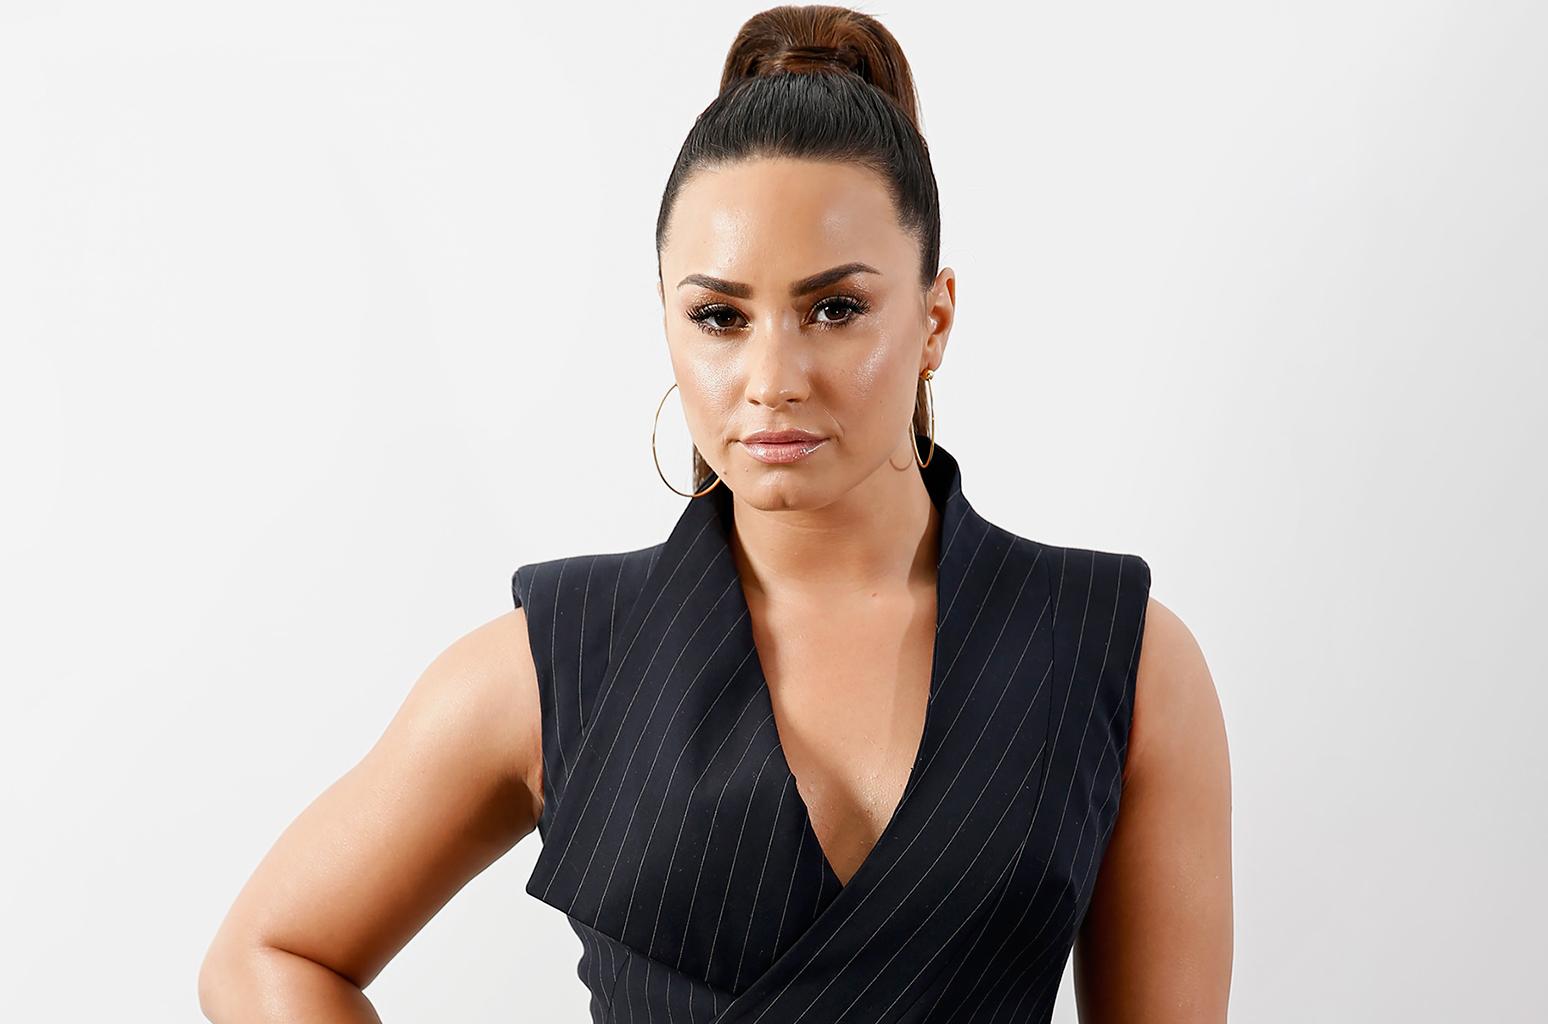 Revelan la identidad del traficante que le vendió las drogas a Demi Lovato que la llevaron a la sobredosis